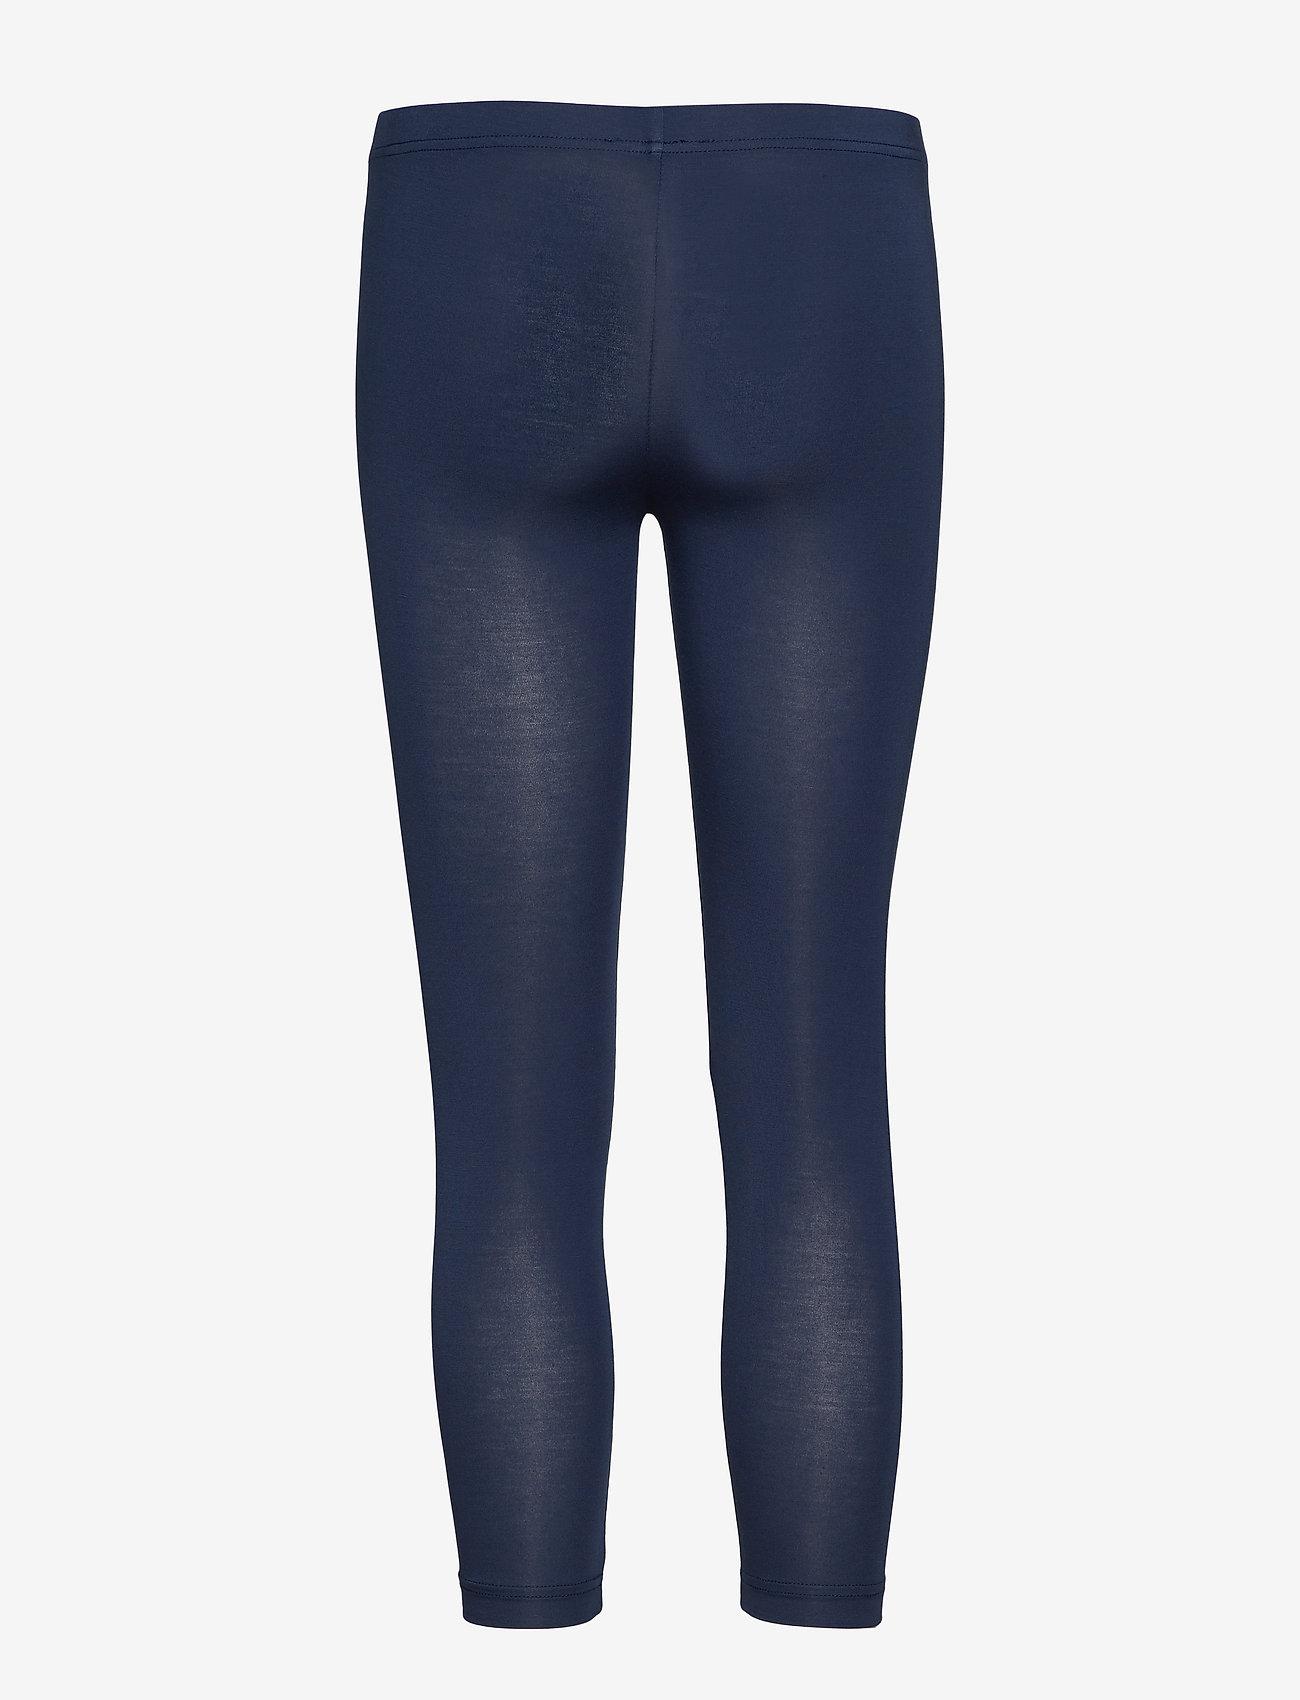 Noa Noa - Leggings - leggings - dress blues - 1